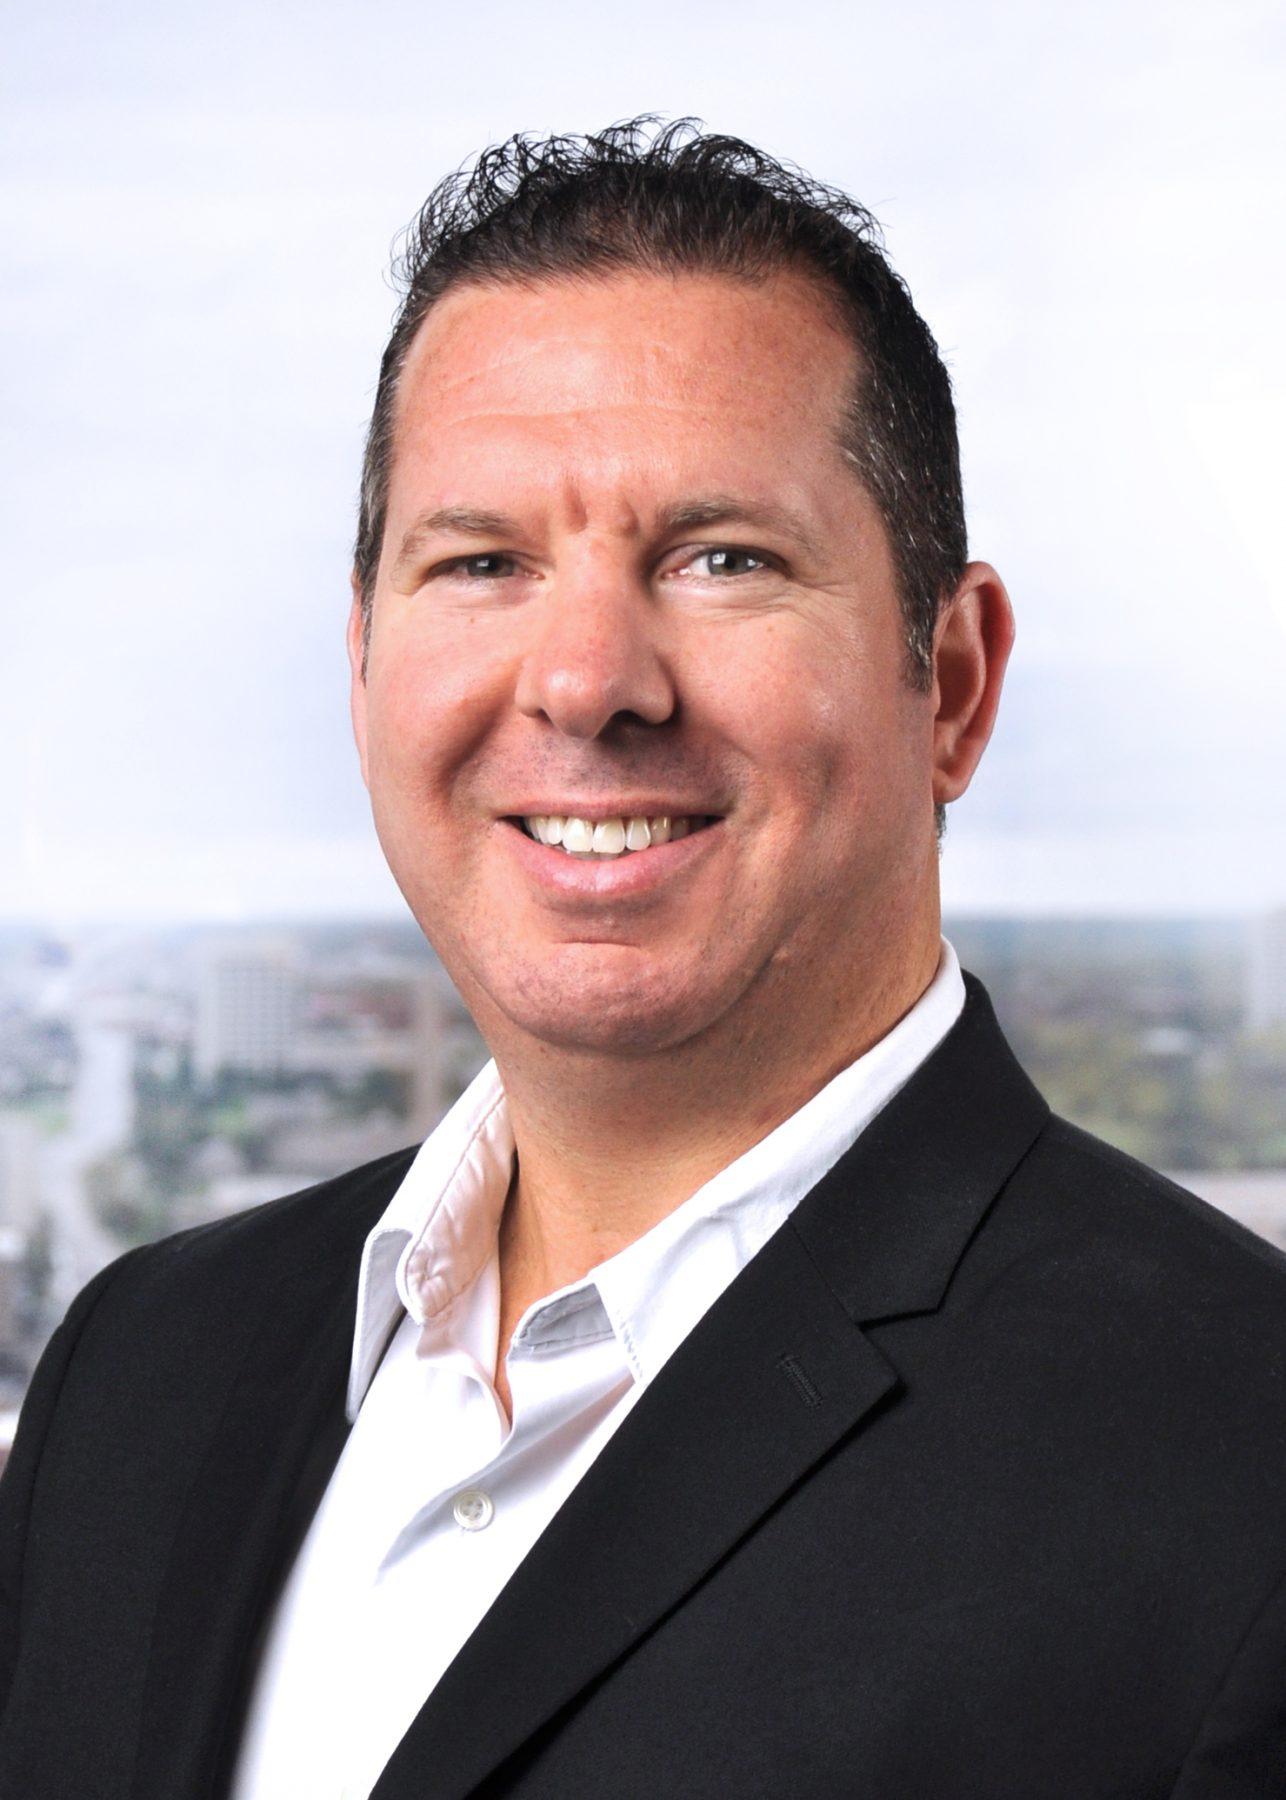 Gabe Smither Profile Image